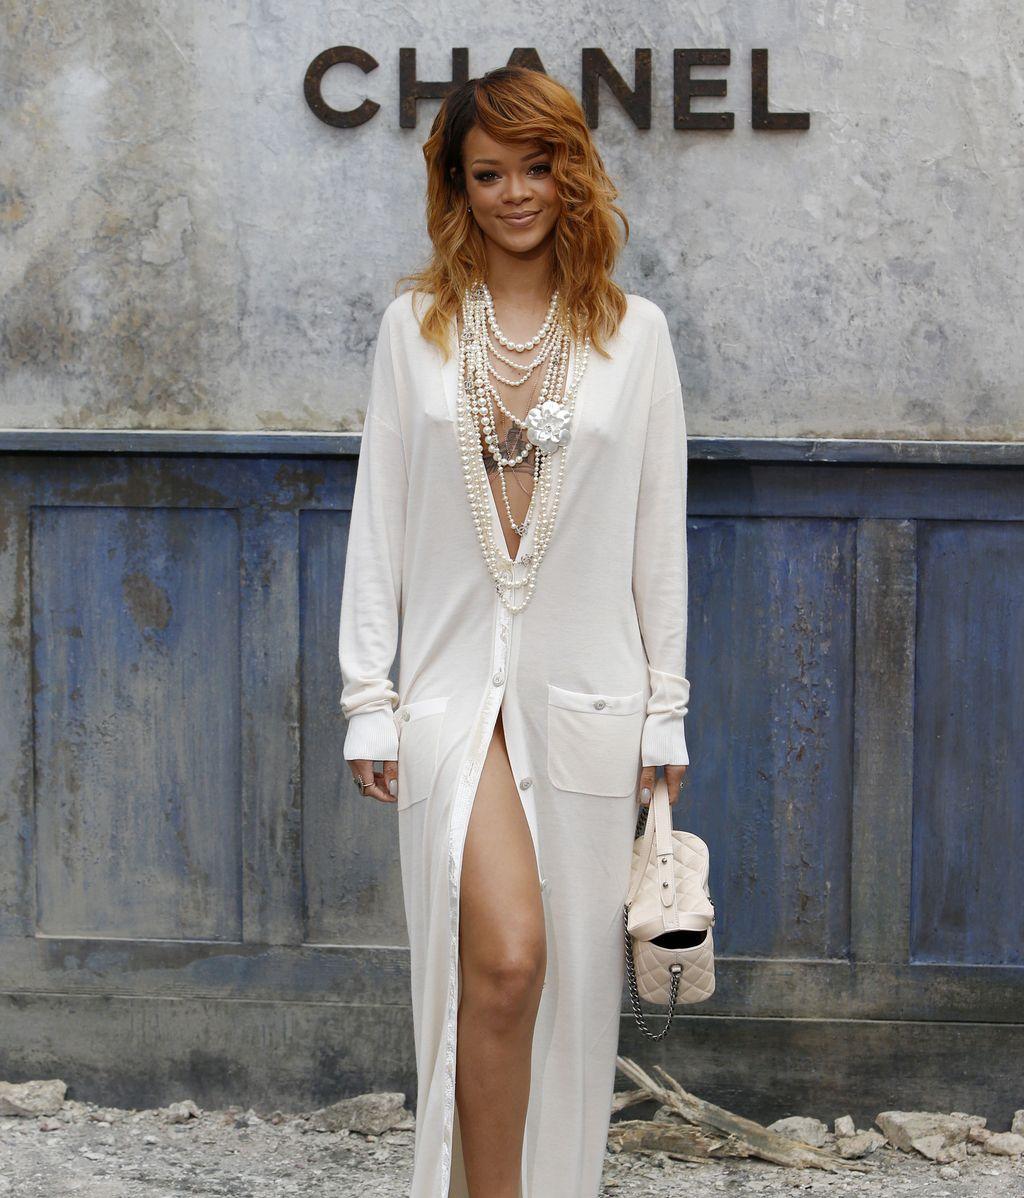 Rihanna enseña casi todo en la Semana de la Moda en París